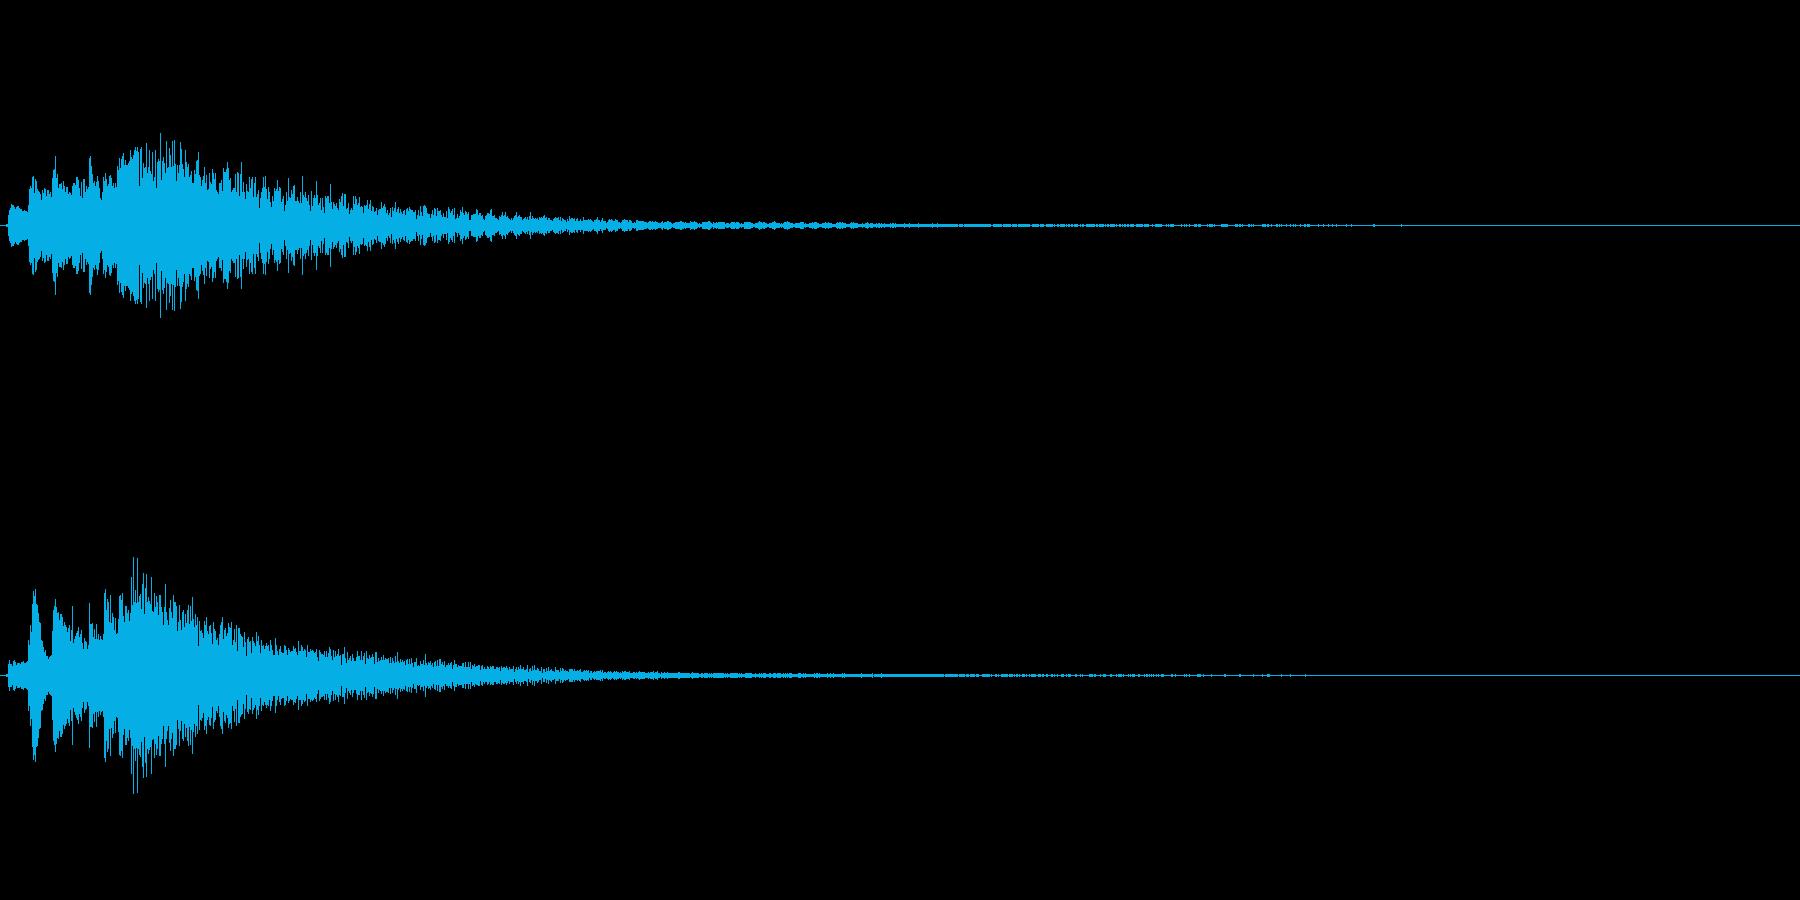 琴、陰施法、下降スケールジングルの再生済みの波形